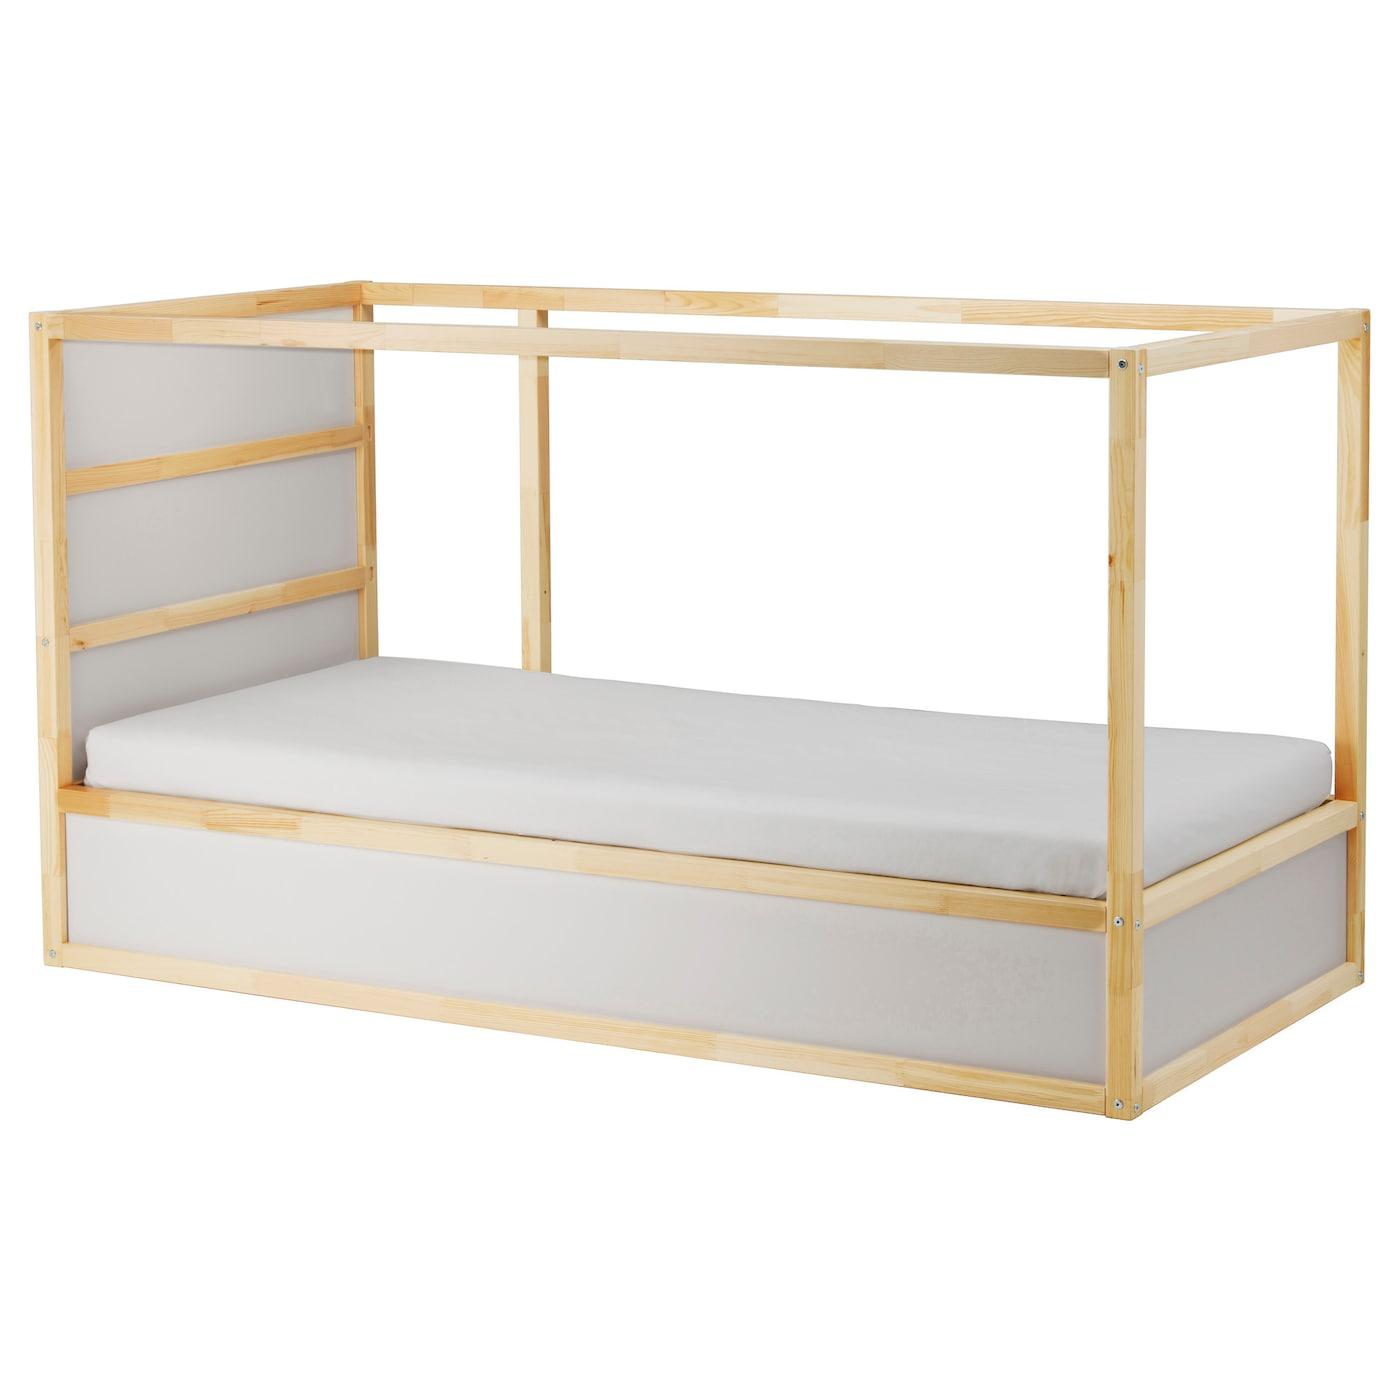 Ikea KURA Reversible bed, white/pineTwin